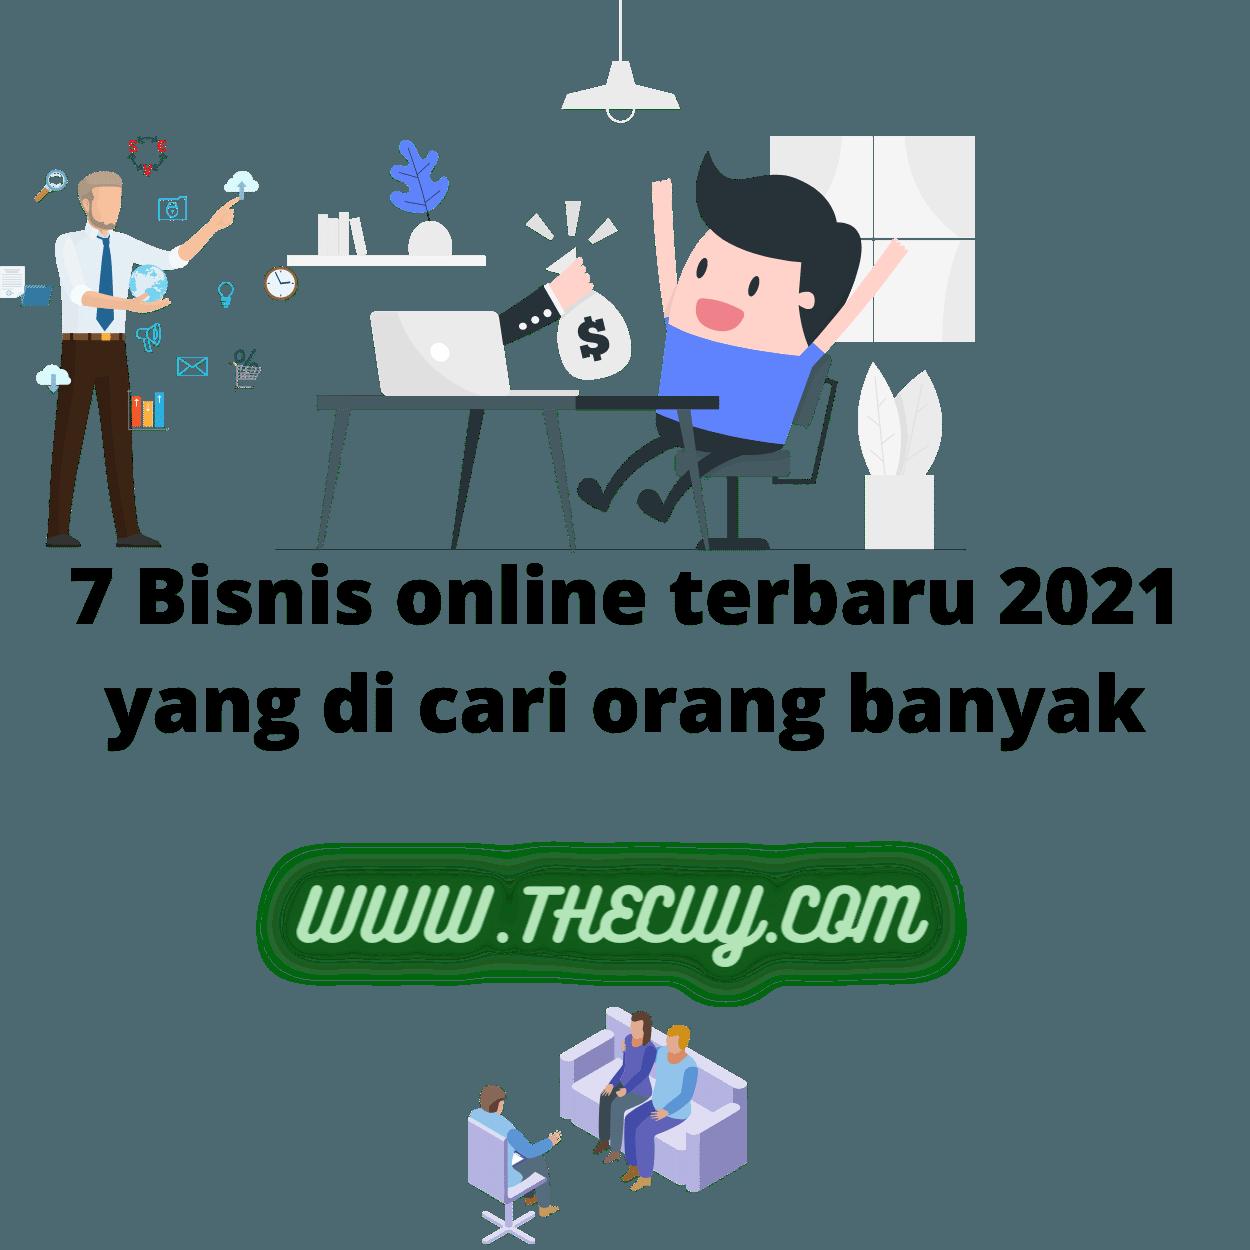 7 Bisnis online terbaru 2021 yang di cari orang banyak